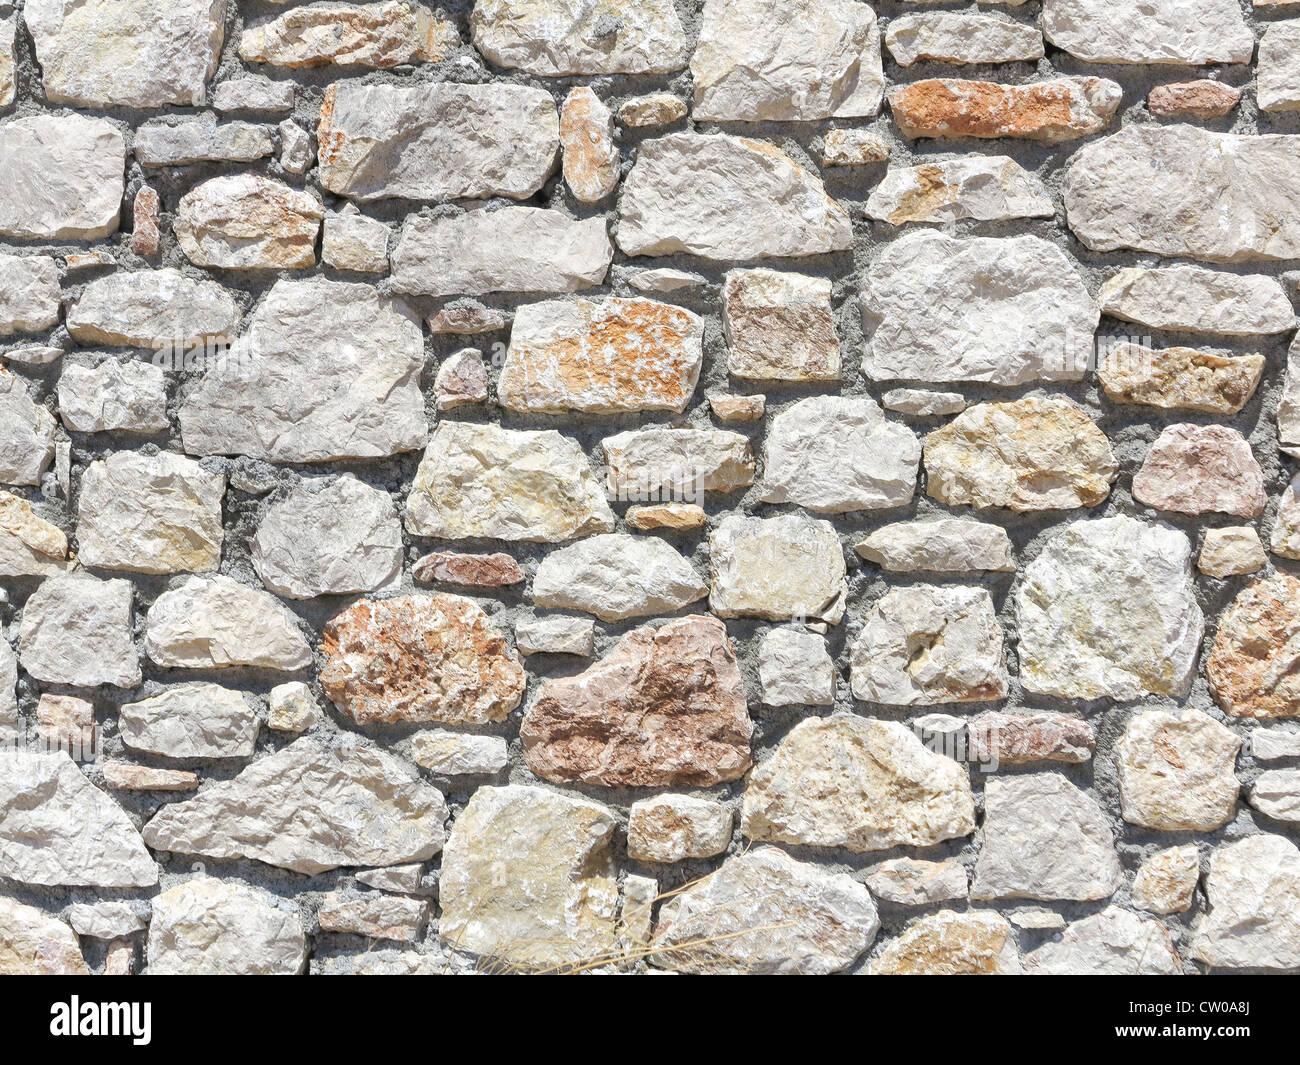 Mur de pierre bloc fabriqué à partir de blocs de pierre de taille irrégulière Photo Stock